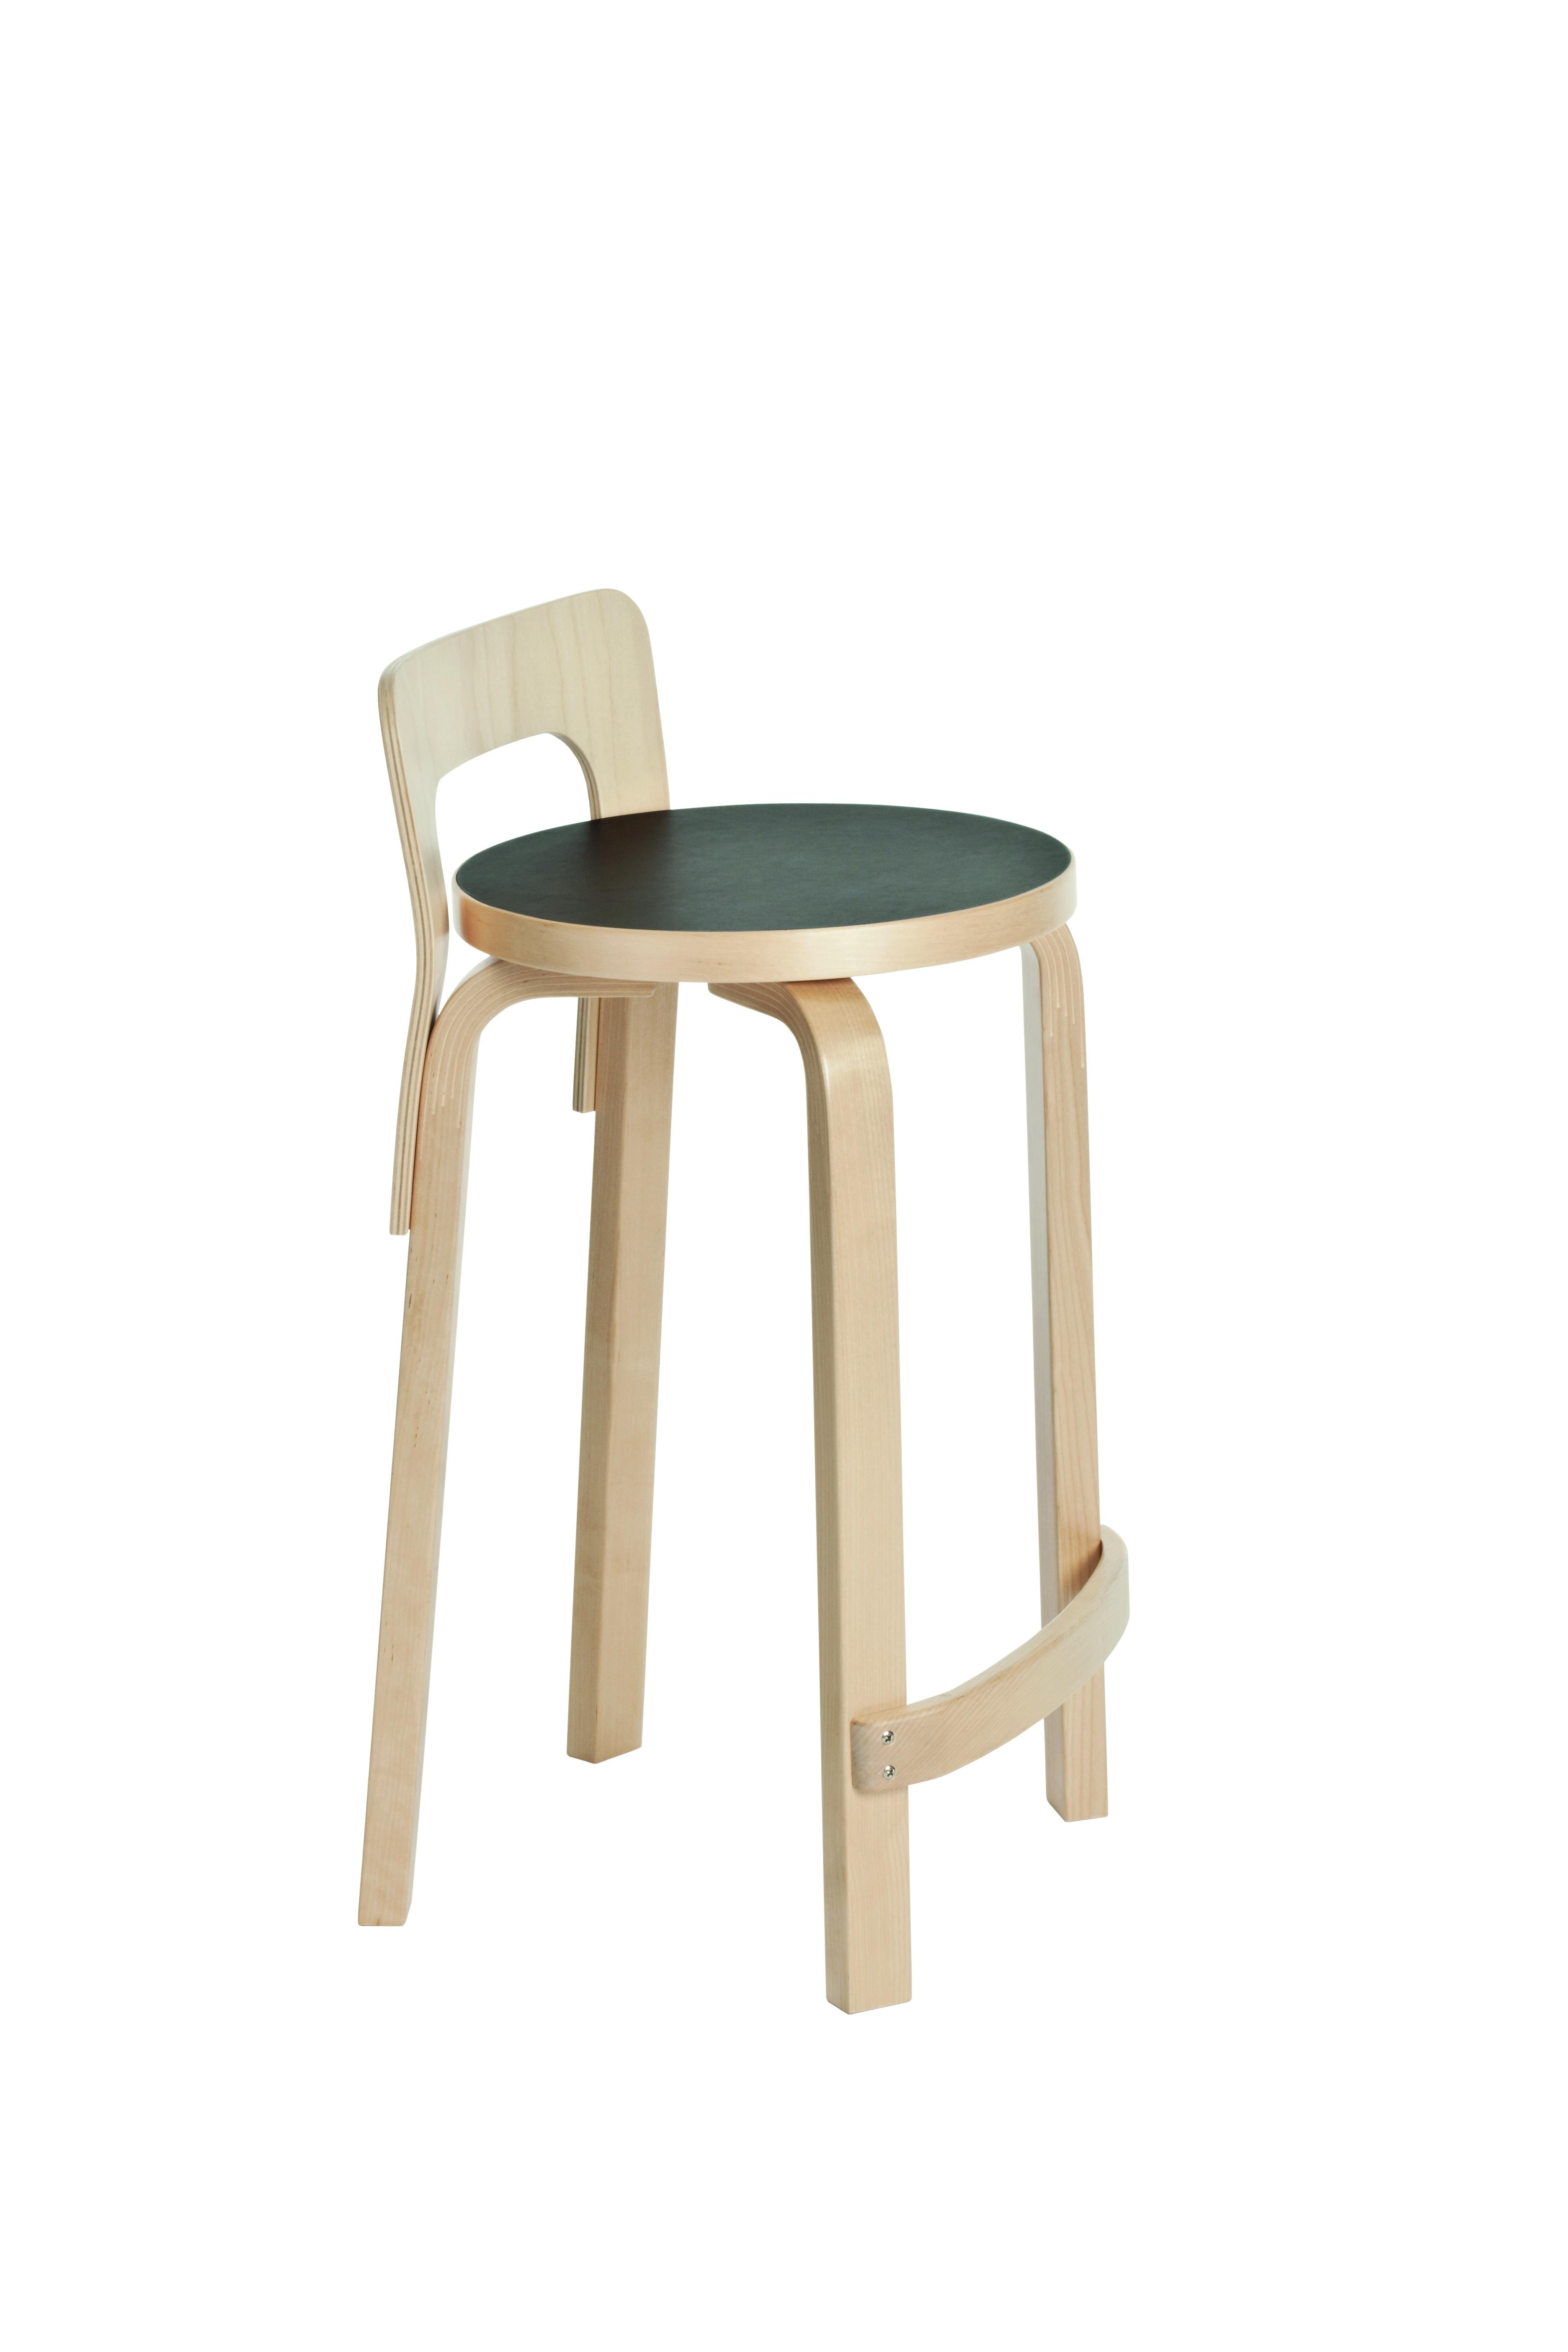 Alvar aalto highchair k65 artek furnitures for Alvar aalto muebles